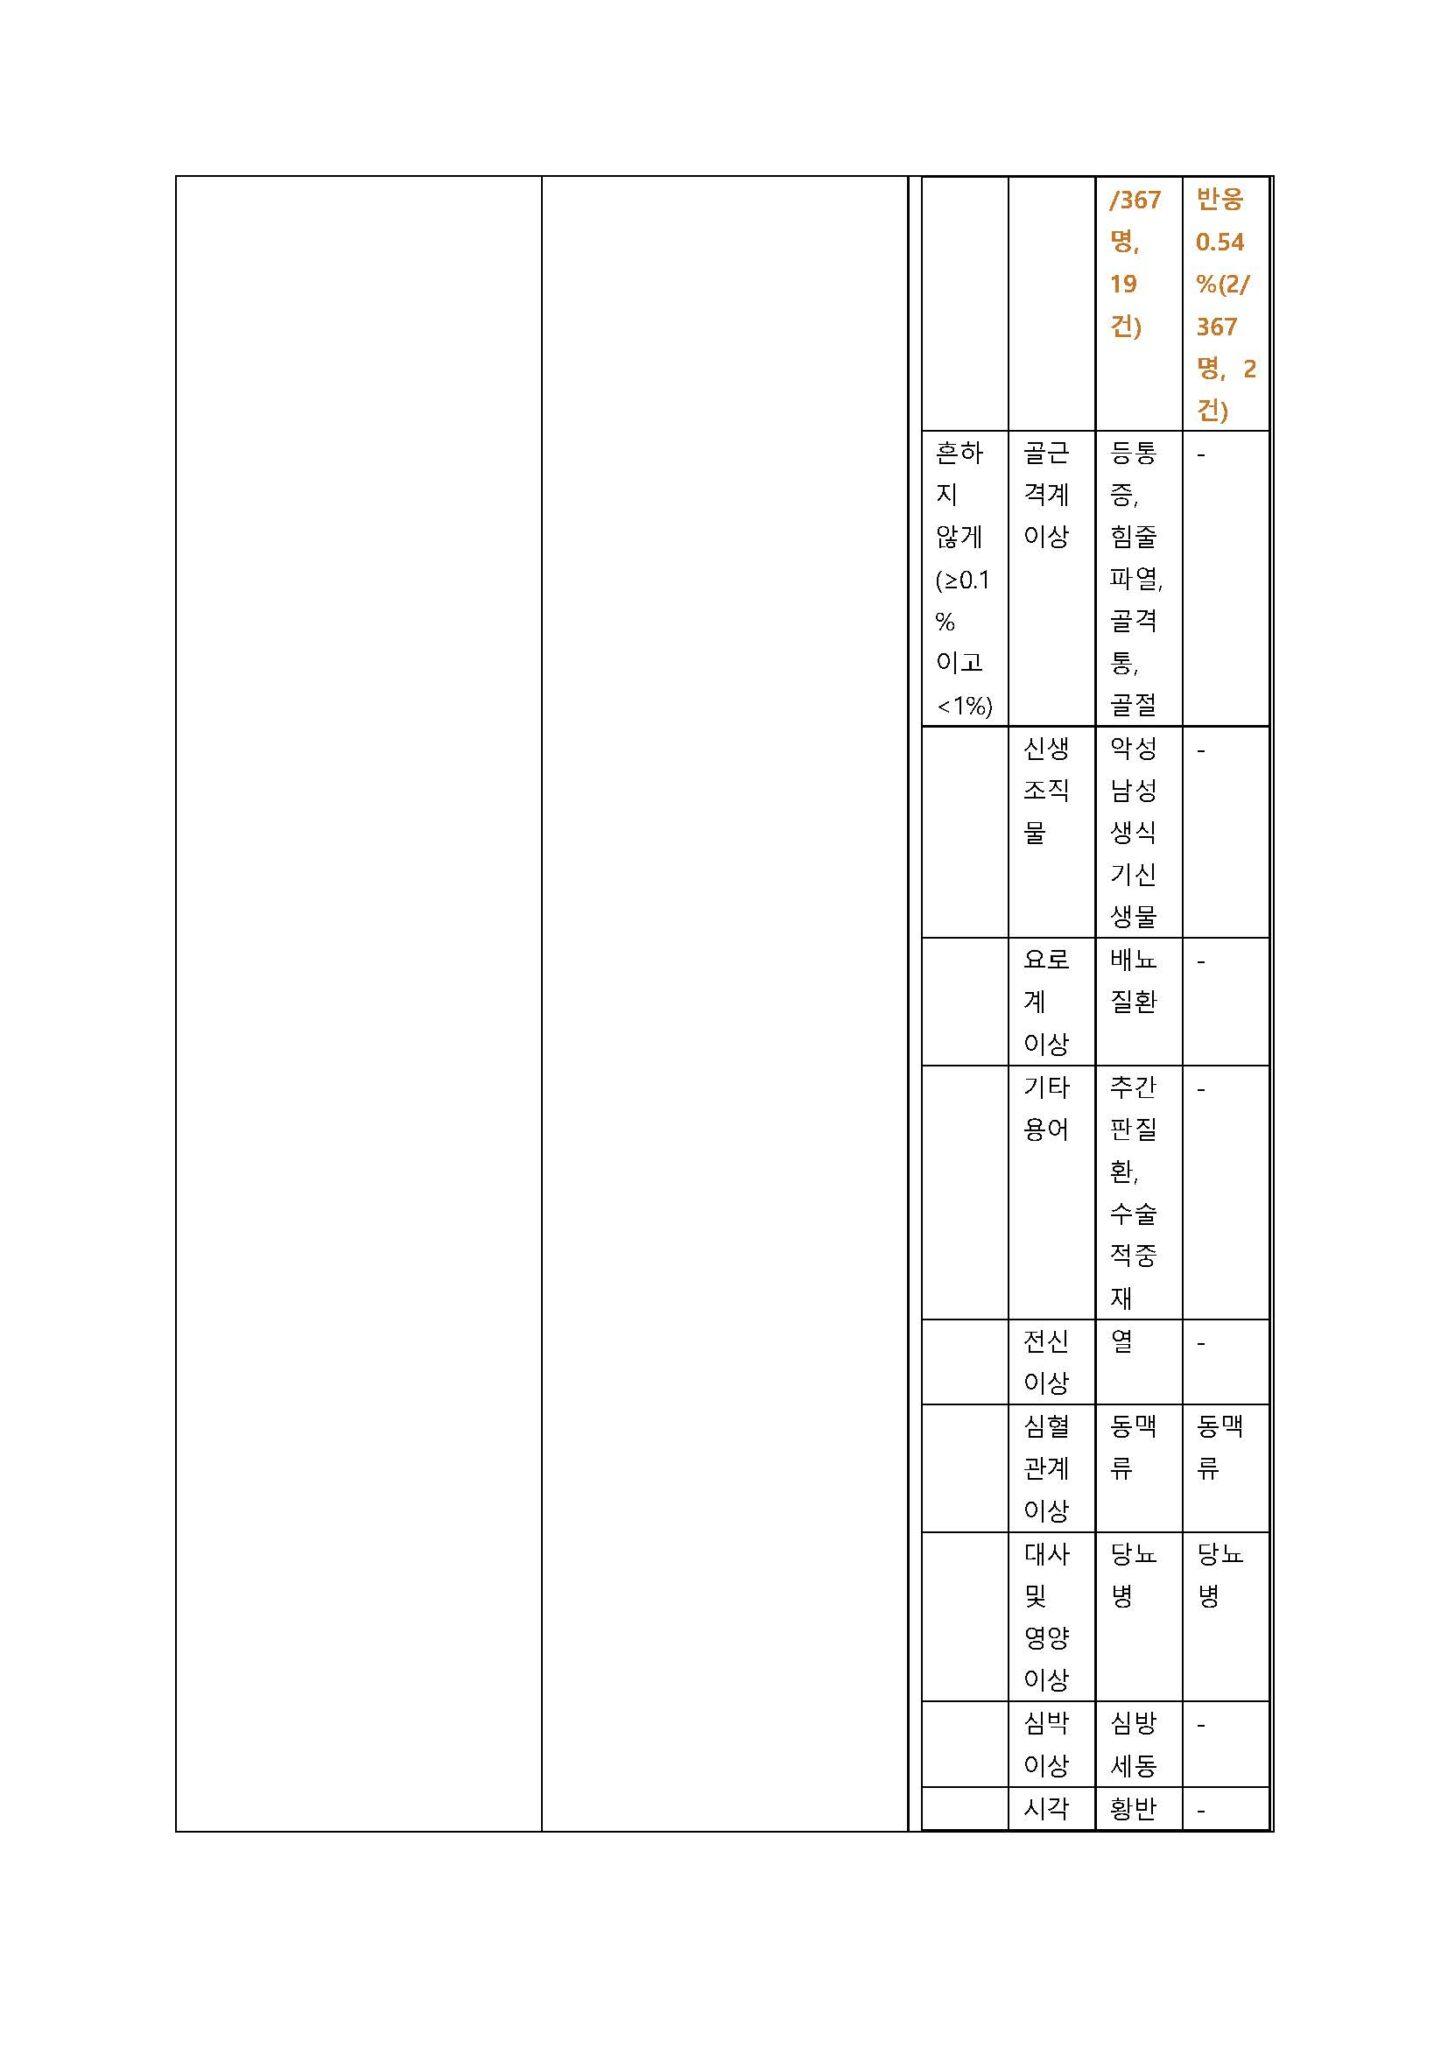 퍼마곤주 80밀리그램 변경일 2020.03.11